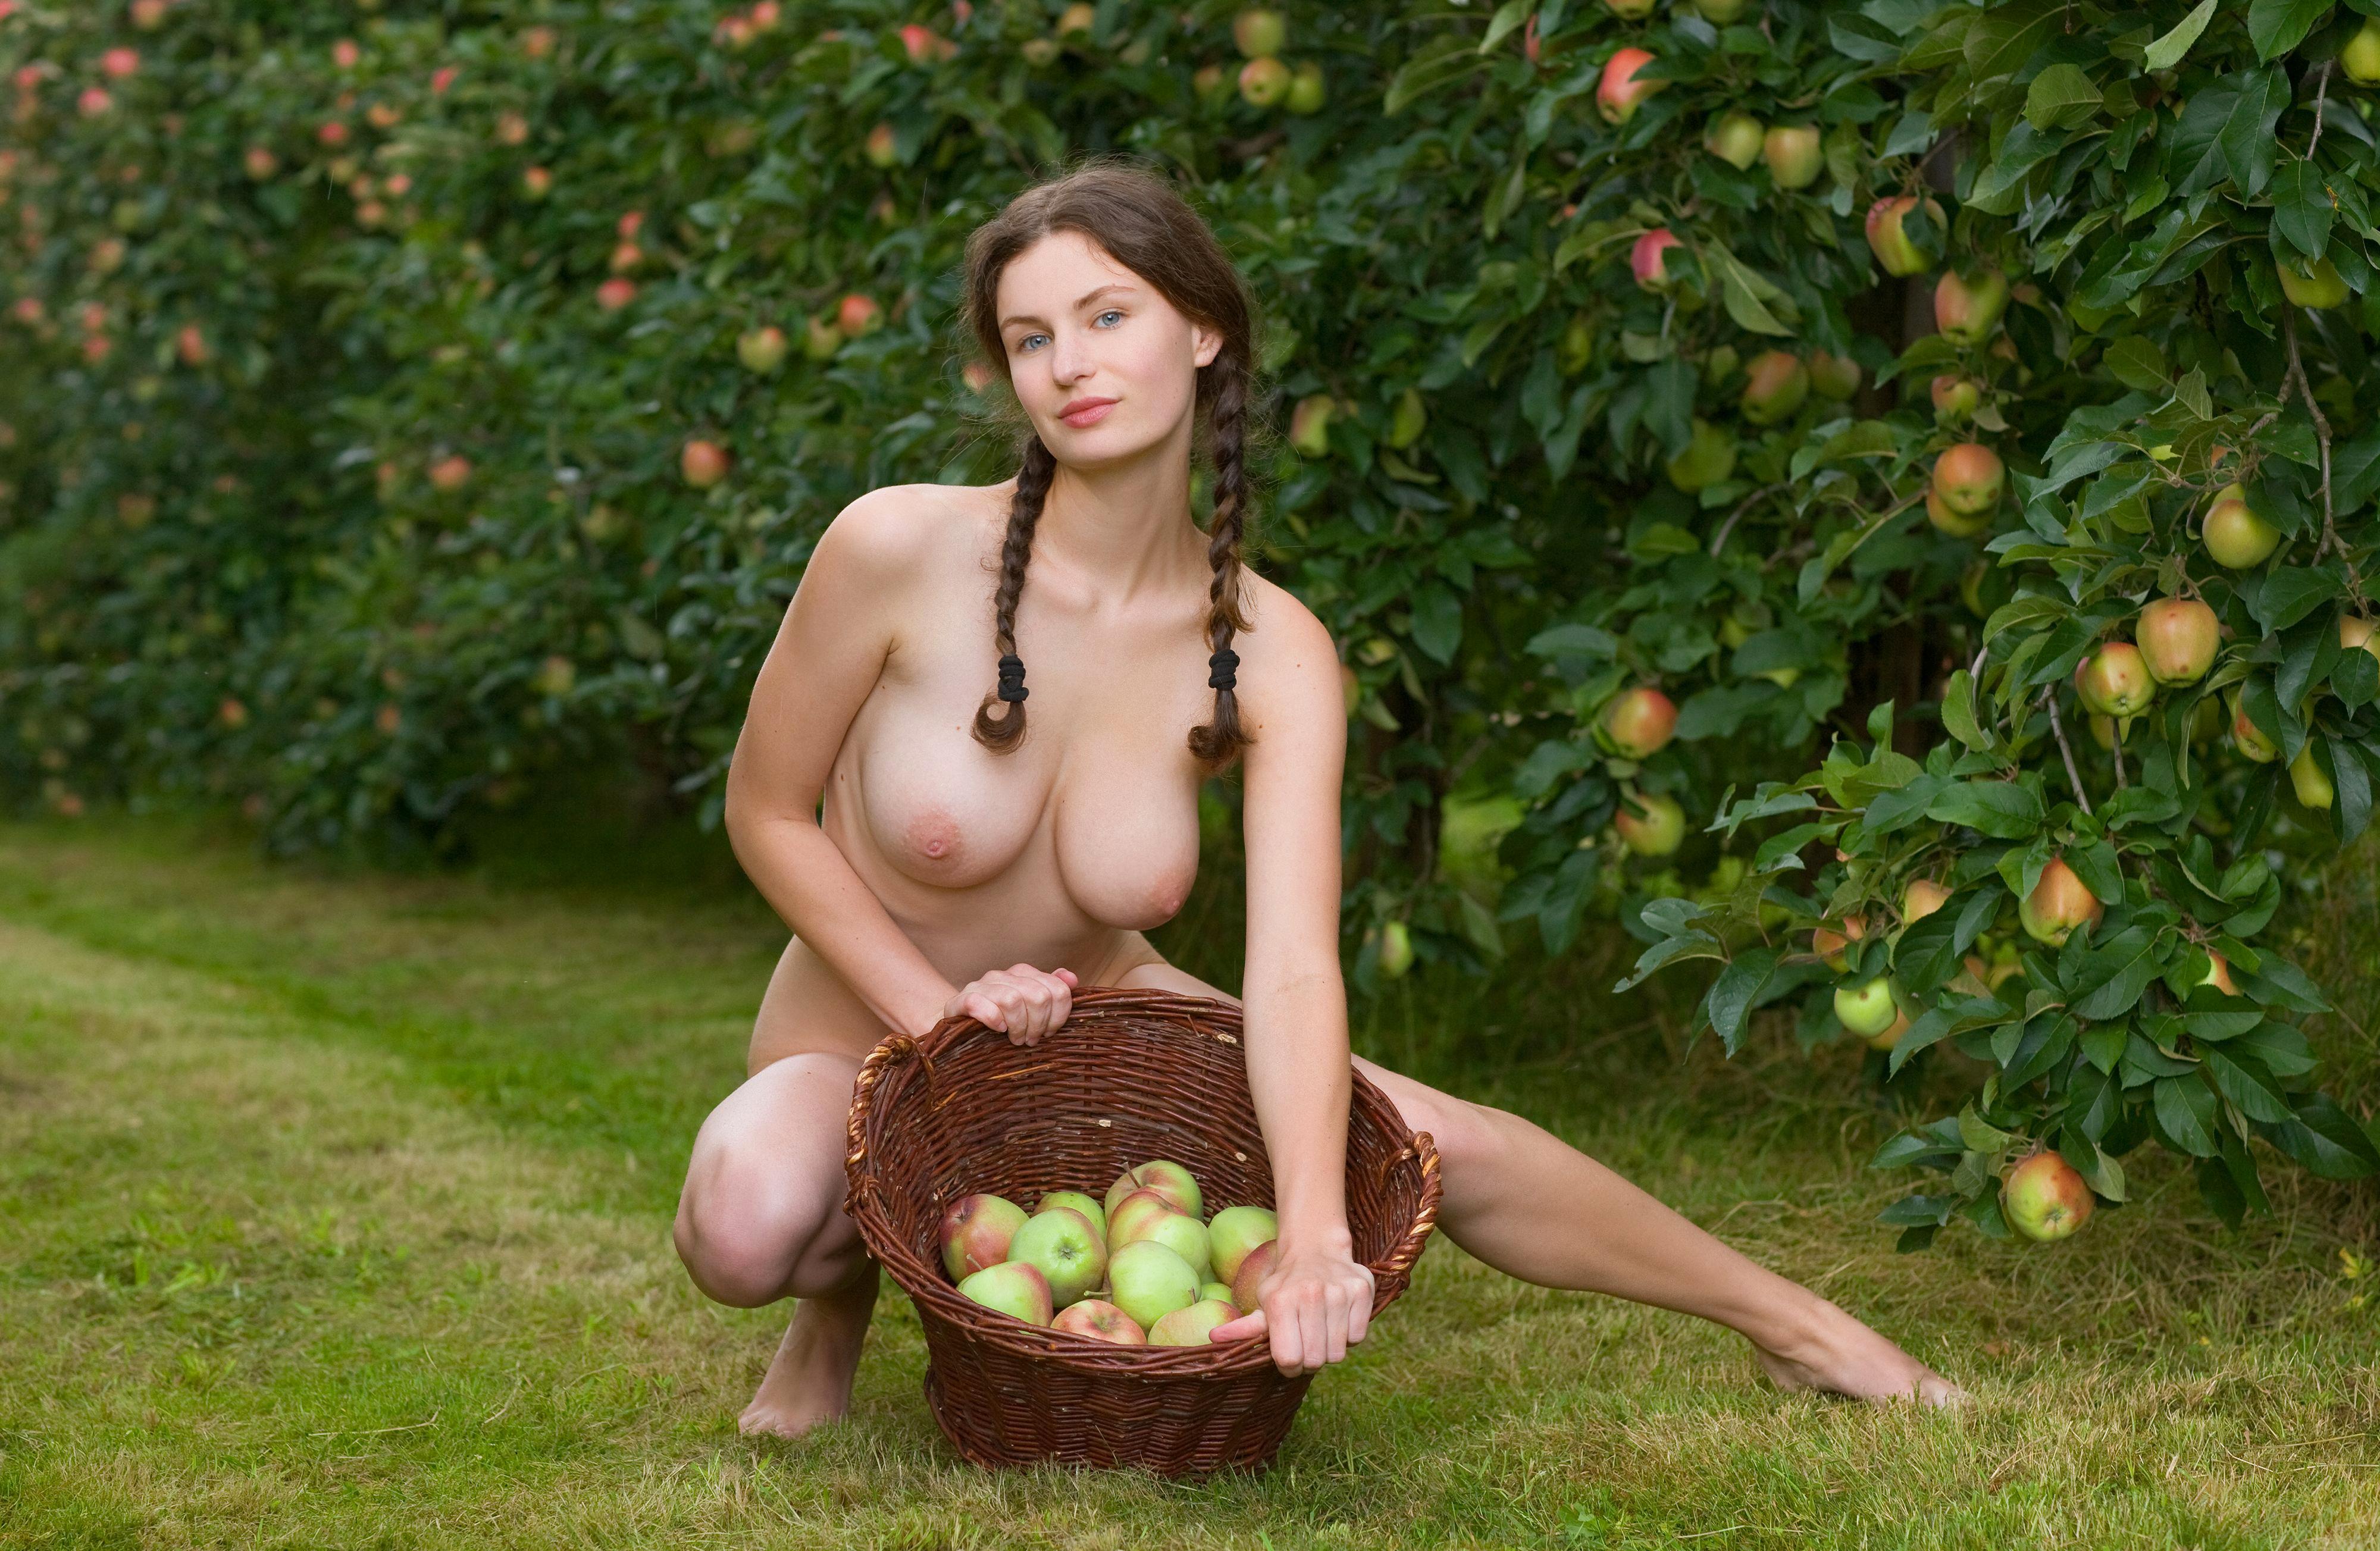 Яблоко от яблони эротика фото 806-643